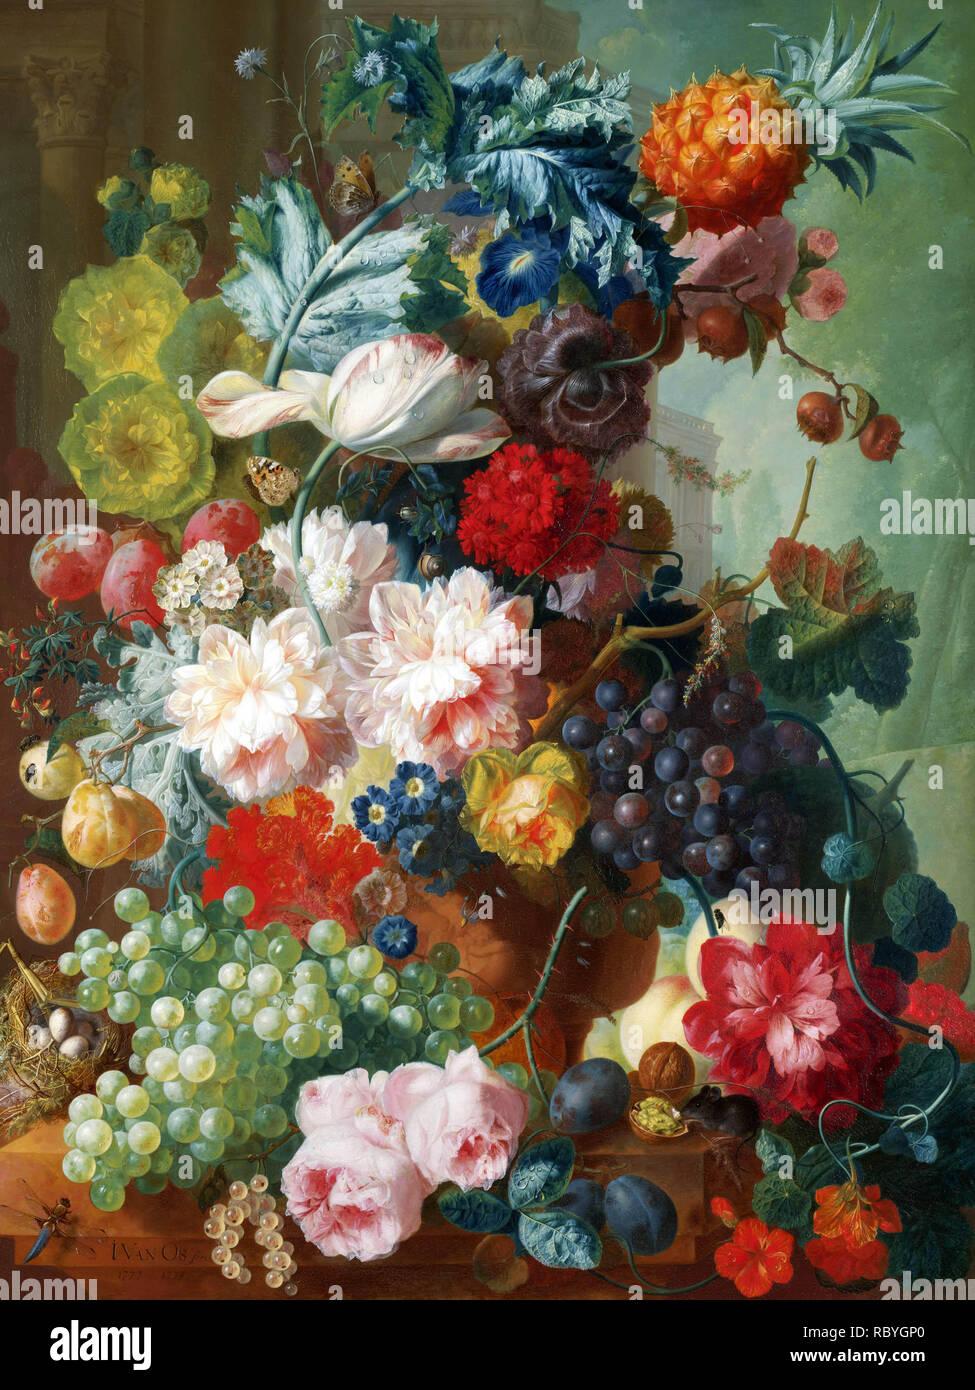 Jan van Os, fruits et fleurs dans un vase en terre cuite, 1777-8.jpg - RBYGP0 Banque D'Images